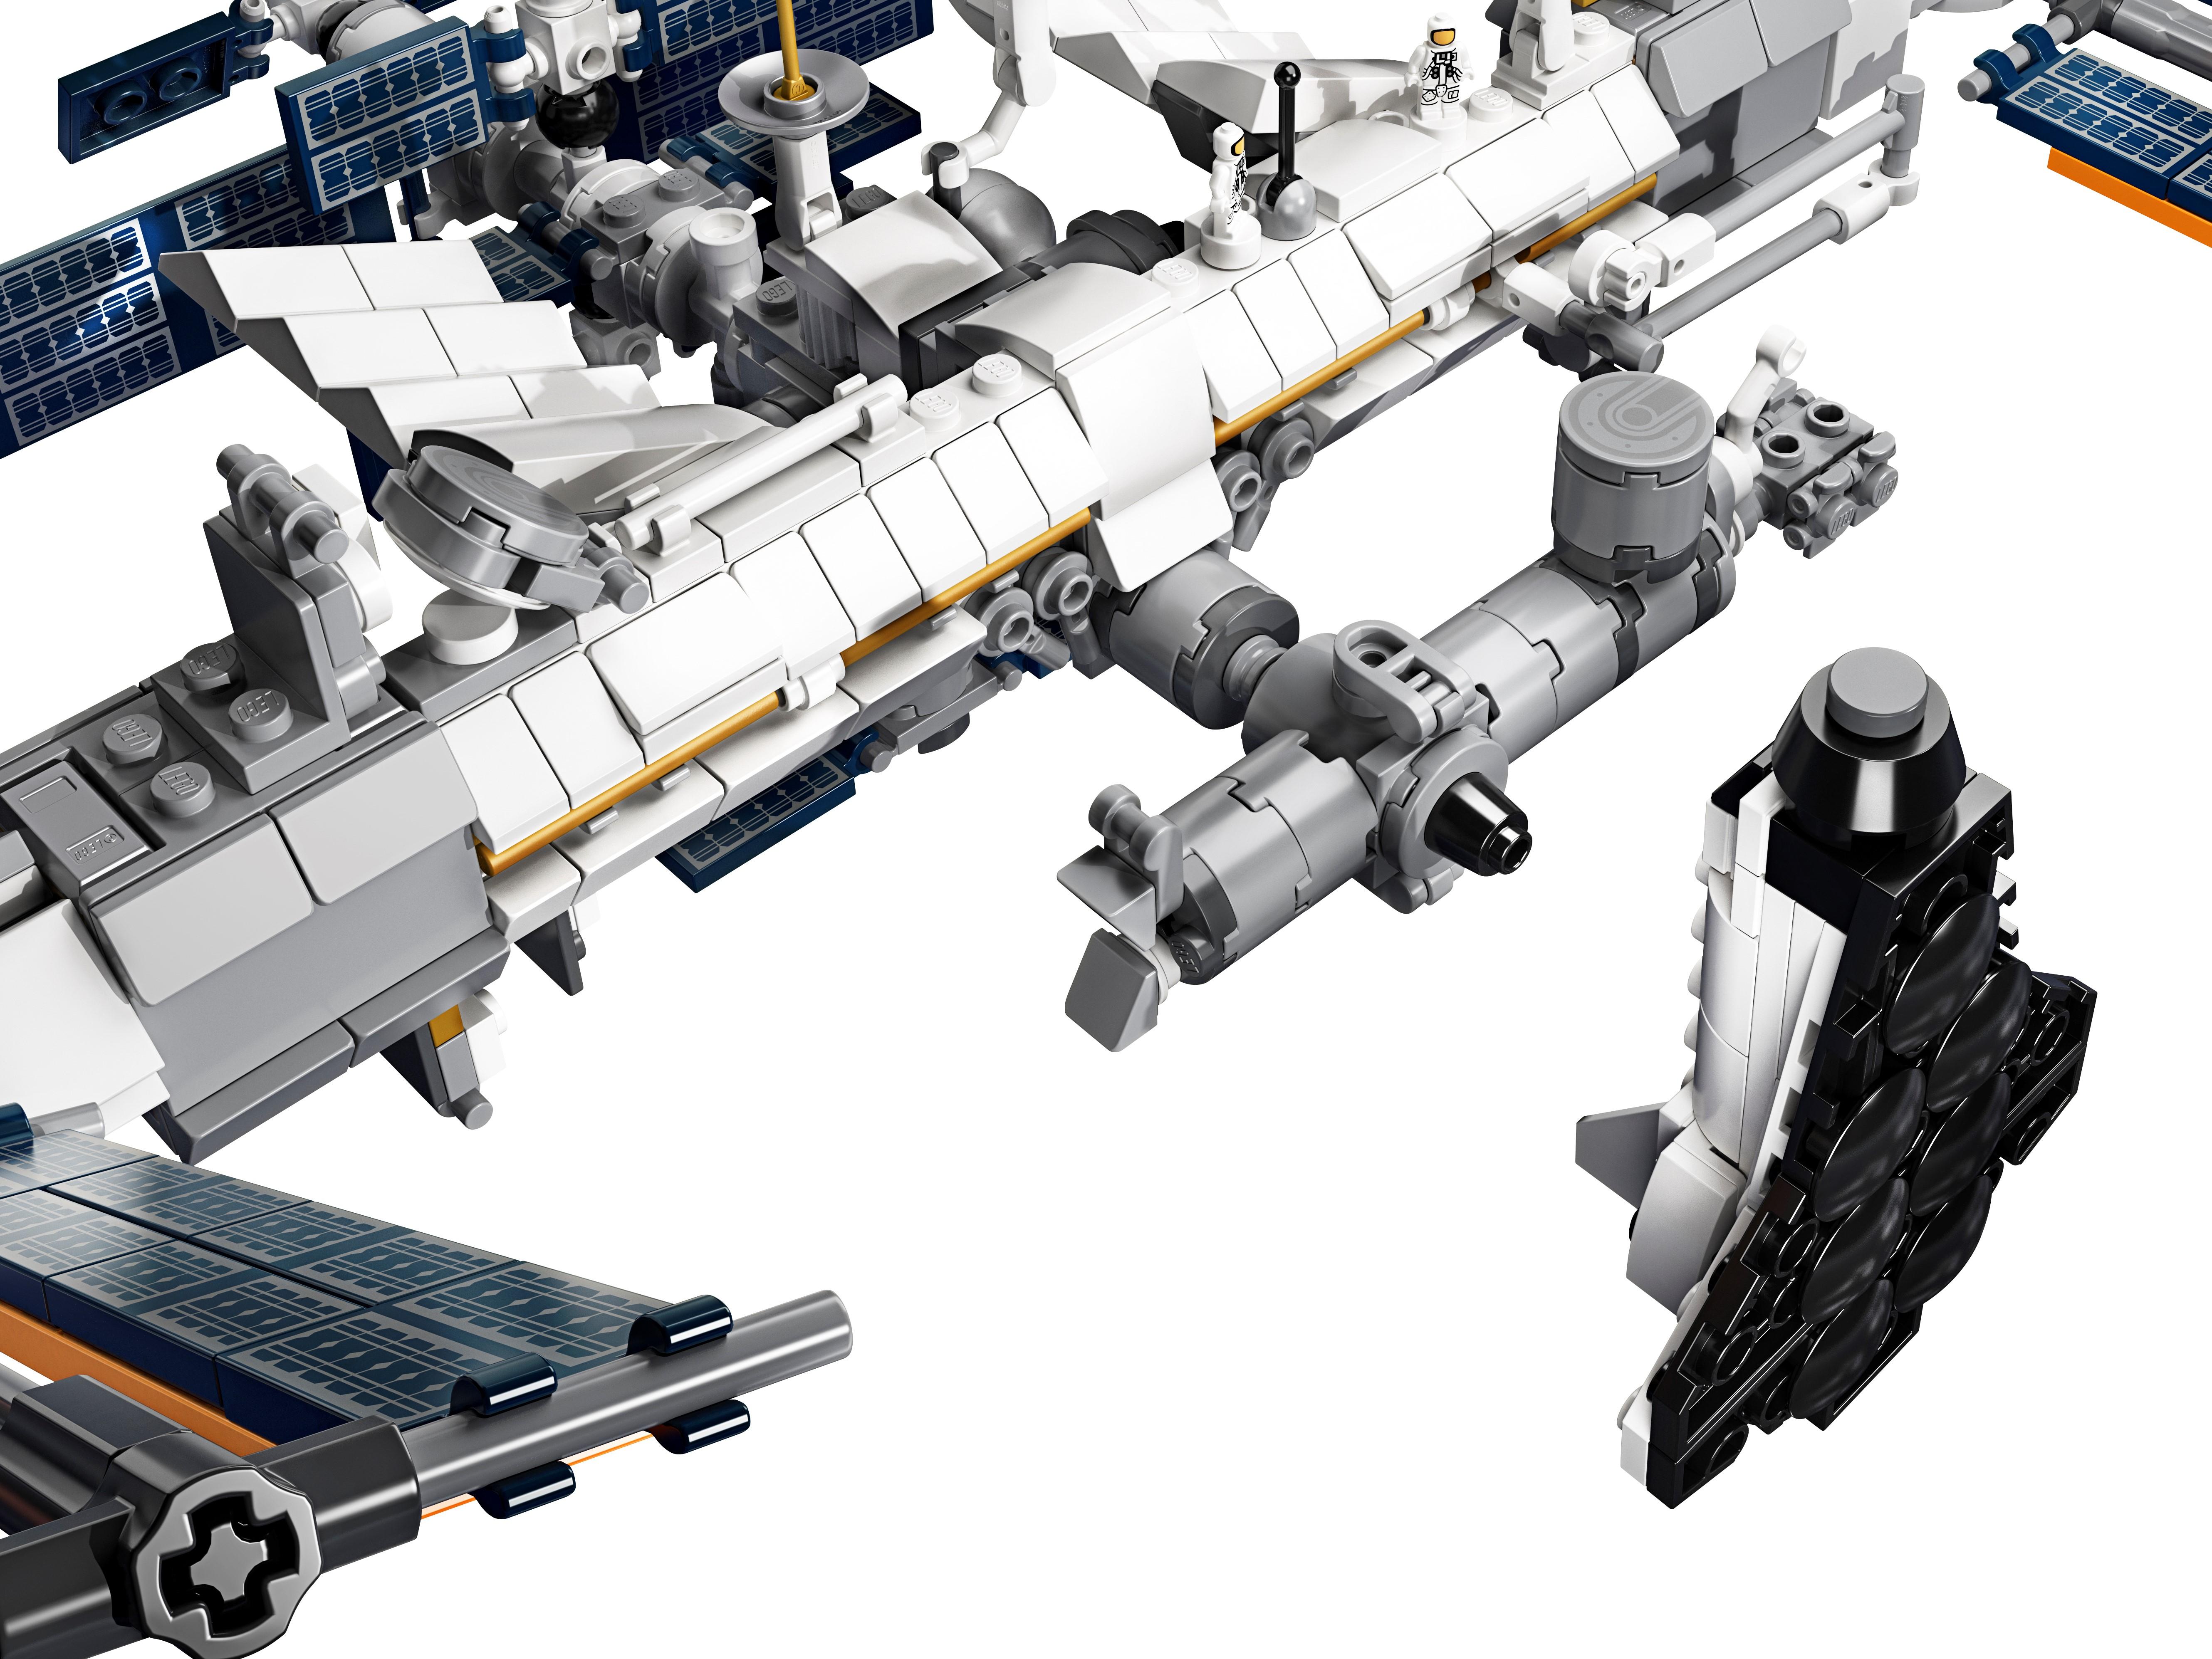 L'ISS en Lego ! 21321_alt4